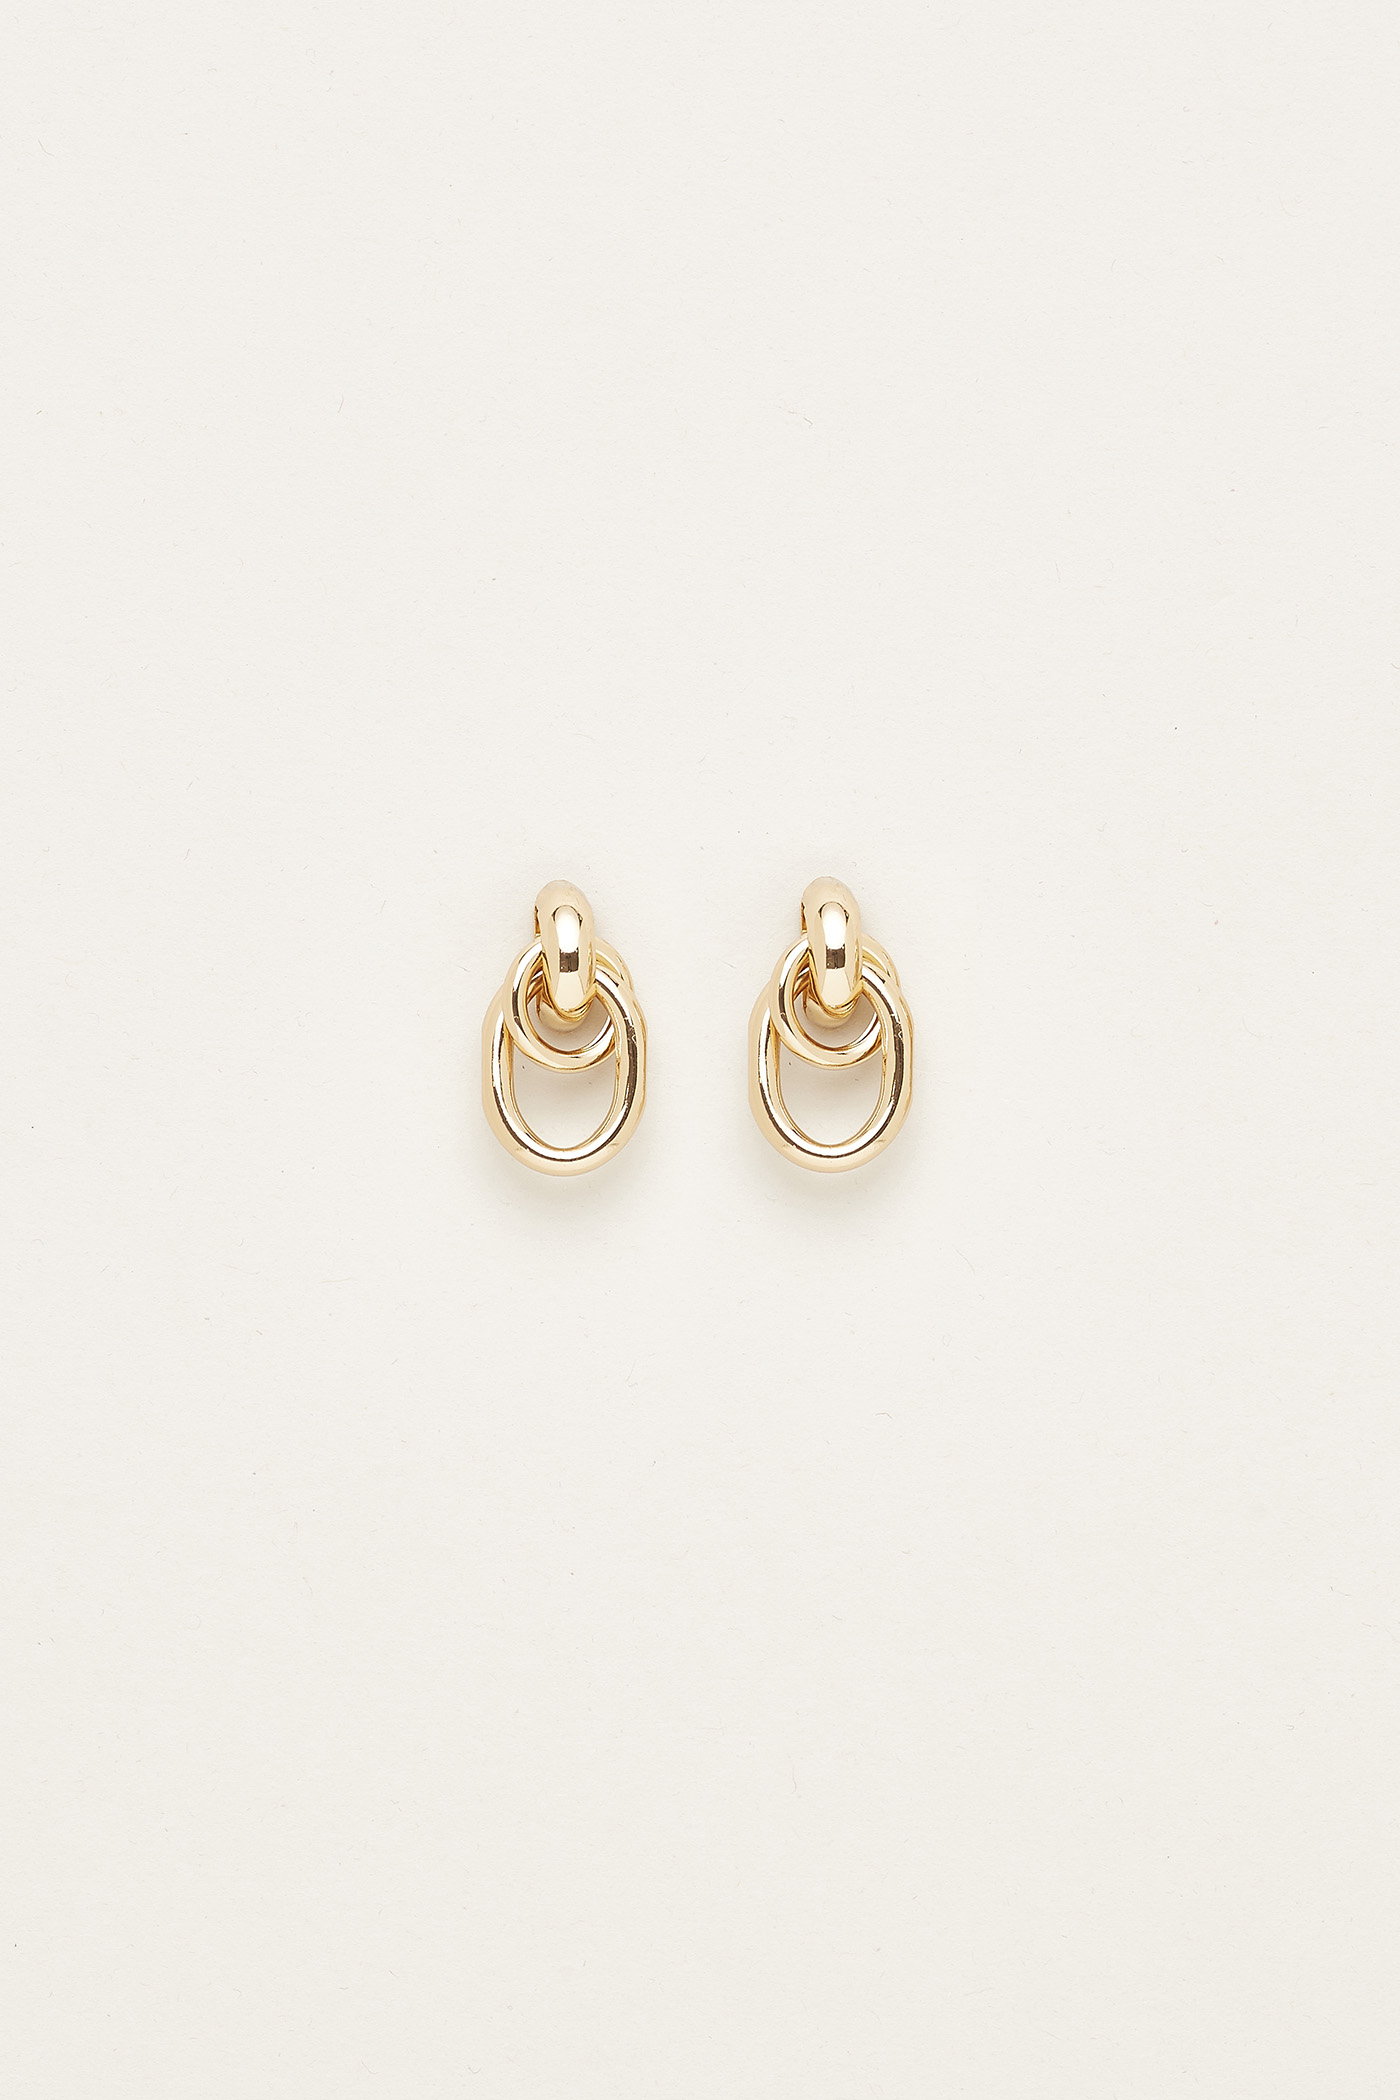 Heera Linked Drop Earrings